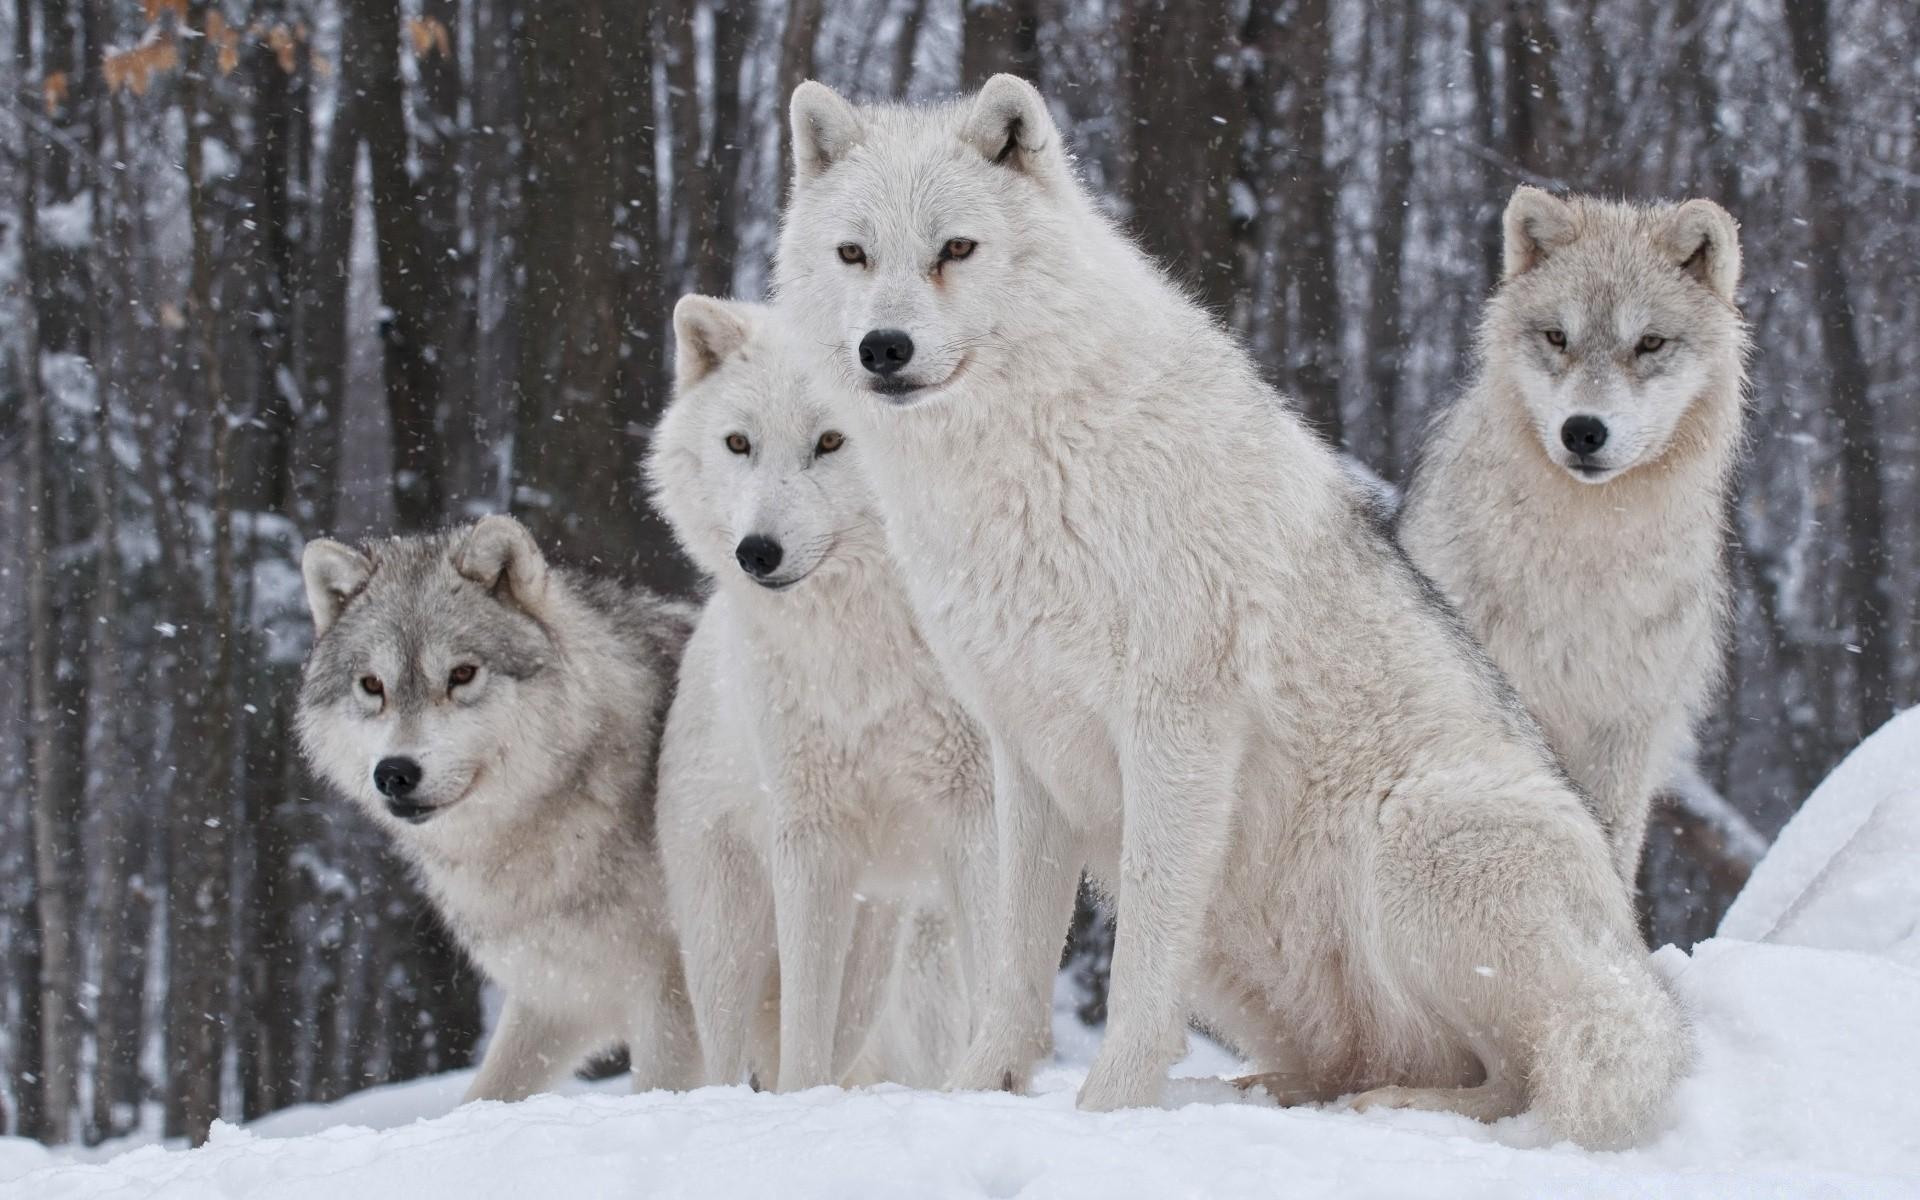 картинки стай волков для рабочего стола бывшему парню днем